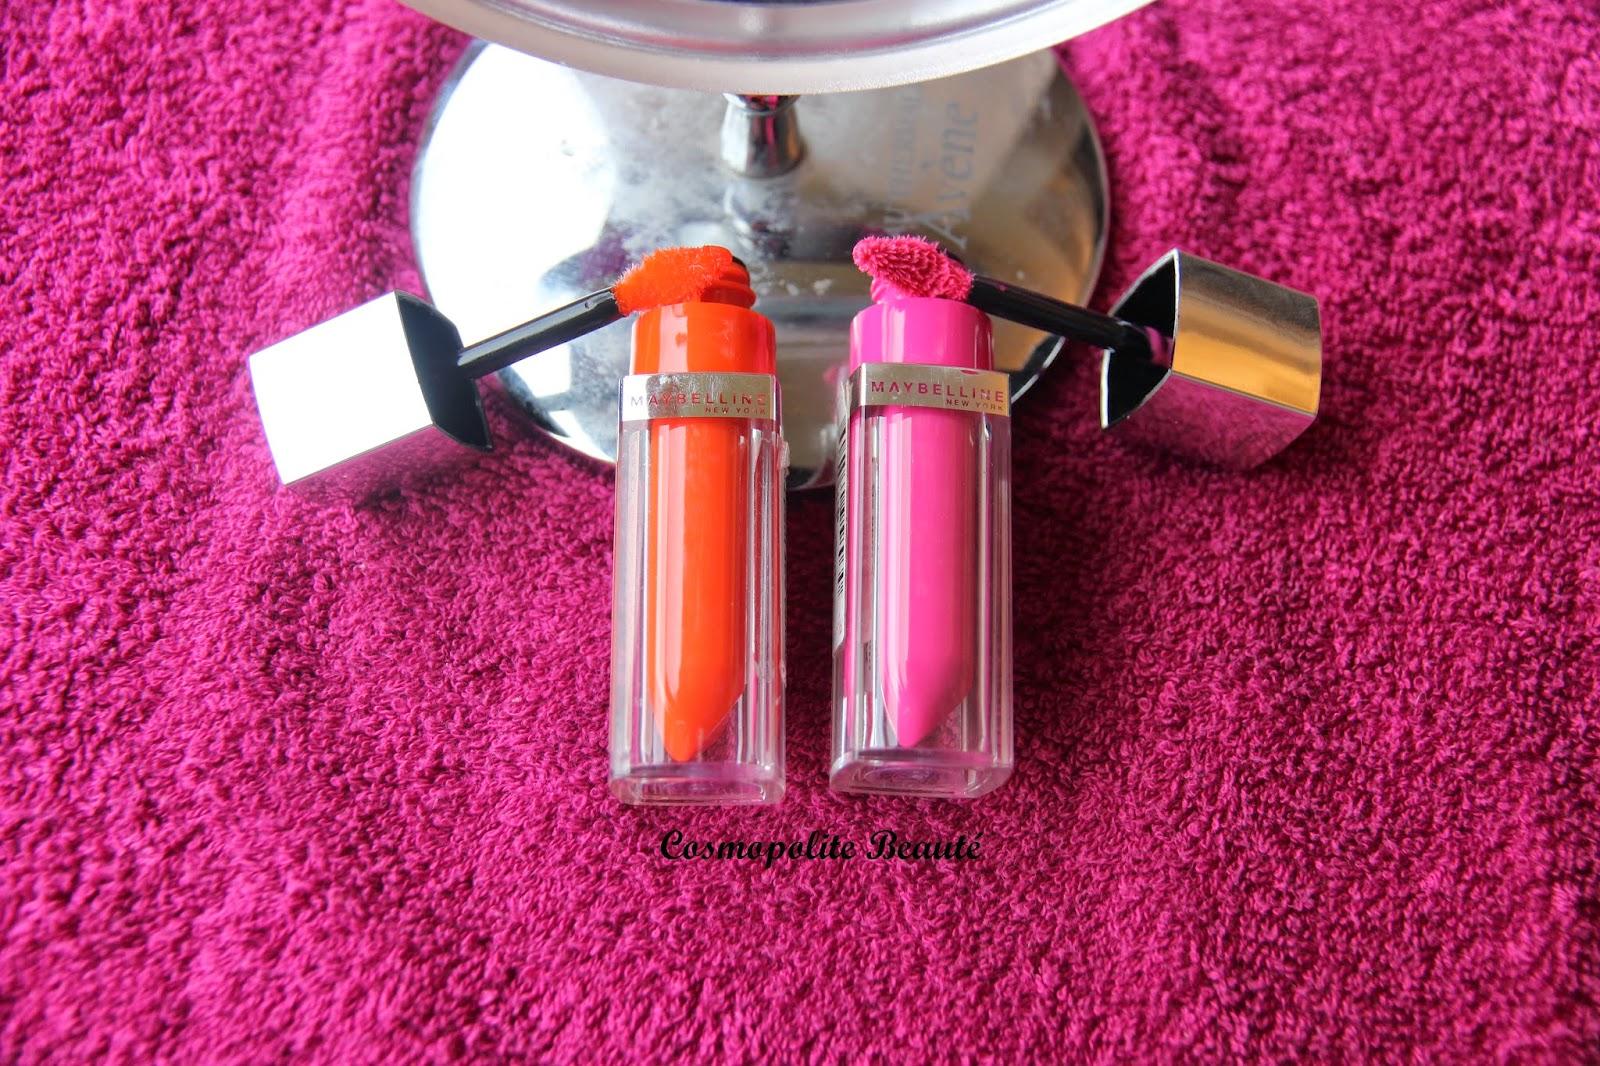 lipstick, Color Elixir, Gemey Maybelline, laque à lèvres, rouge à lèvres, fushia, orangé, Cosmopolite Beauté